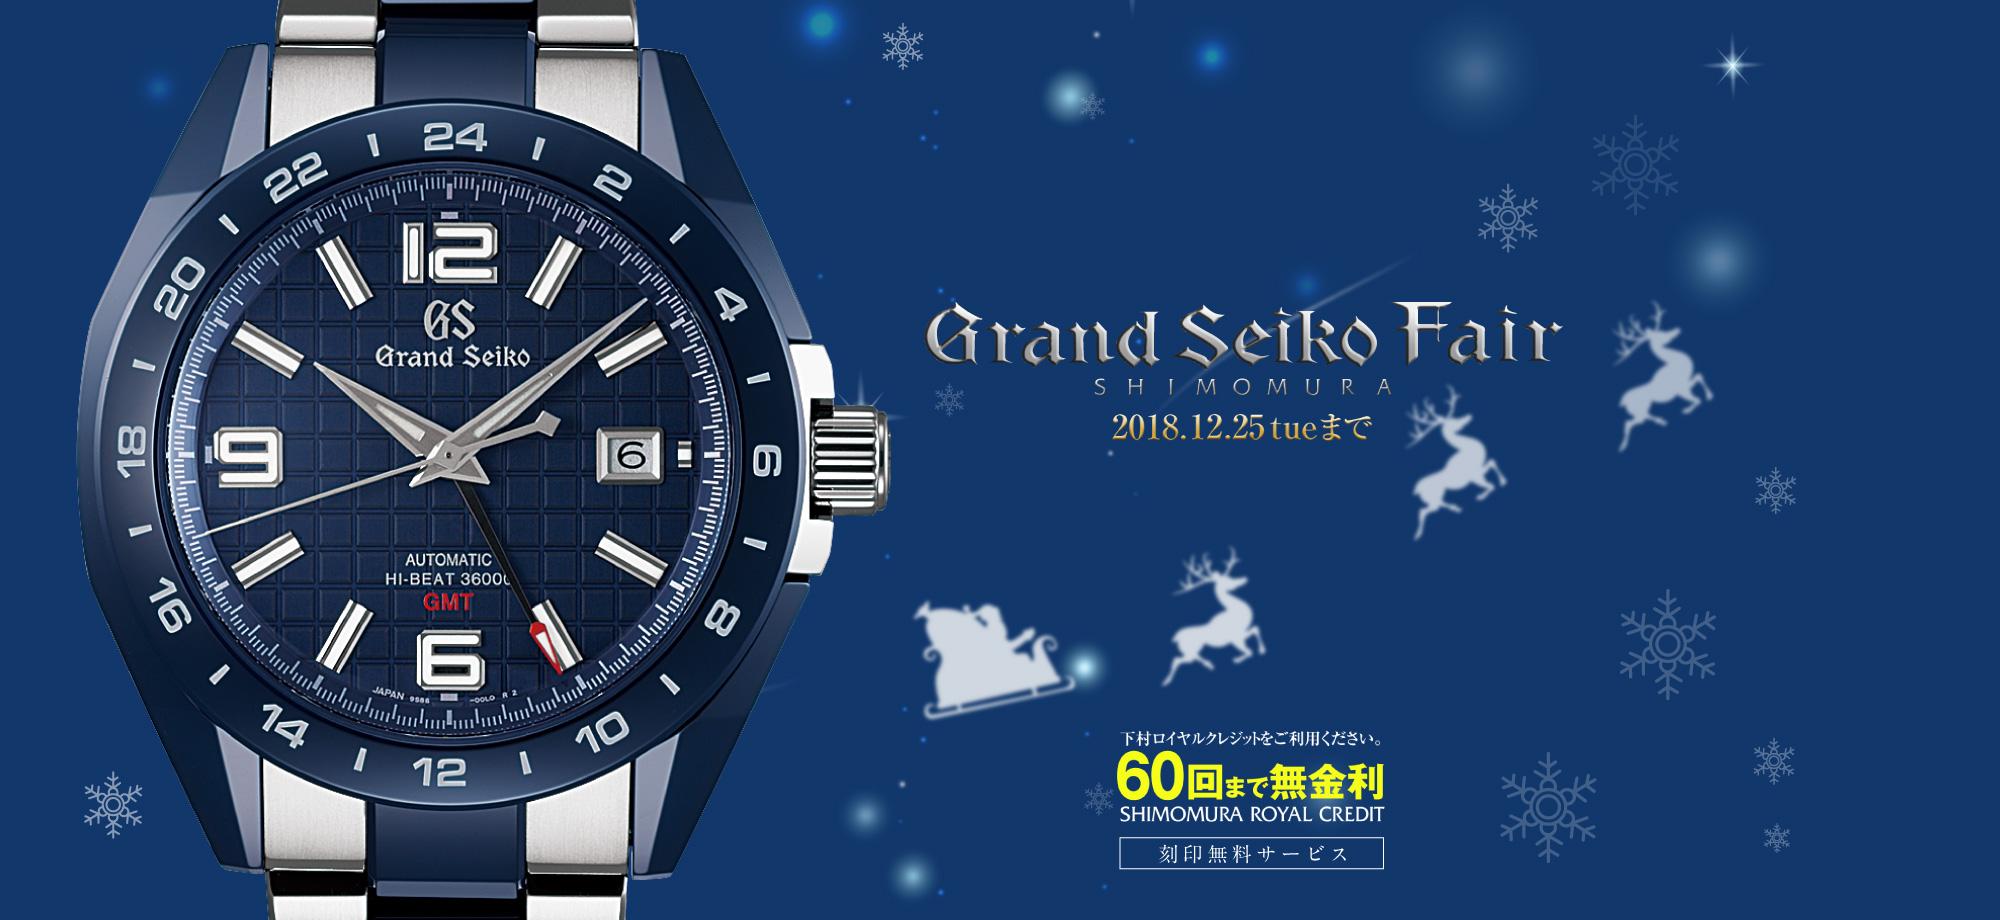 Grand Seiko Fair